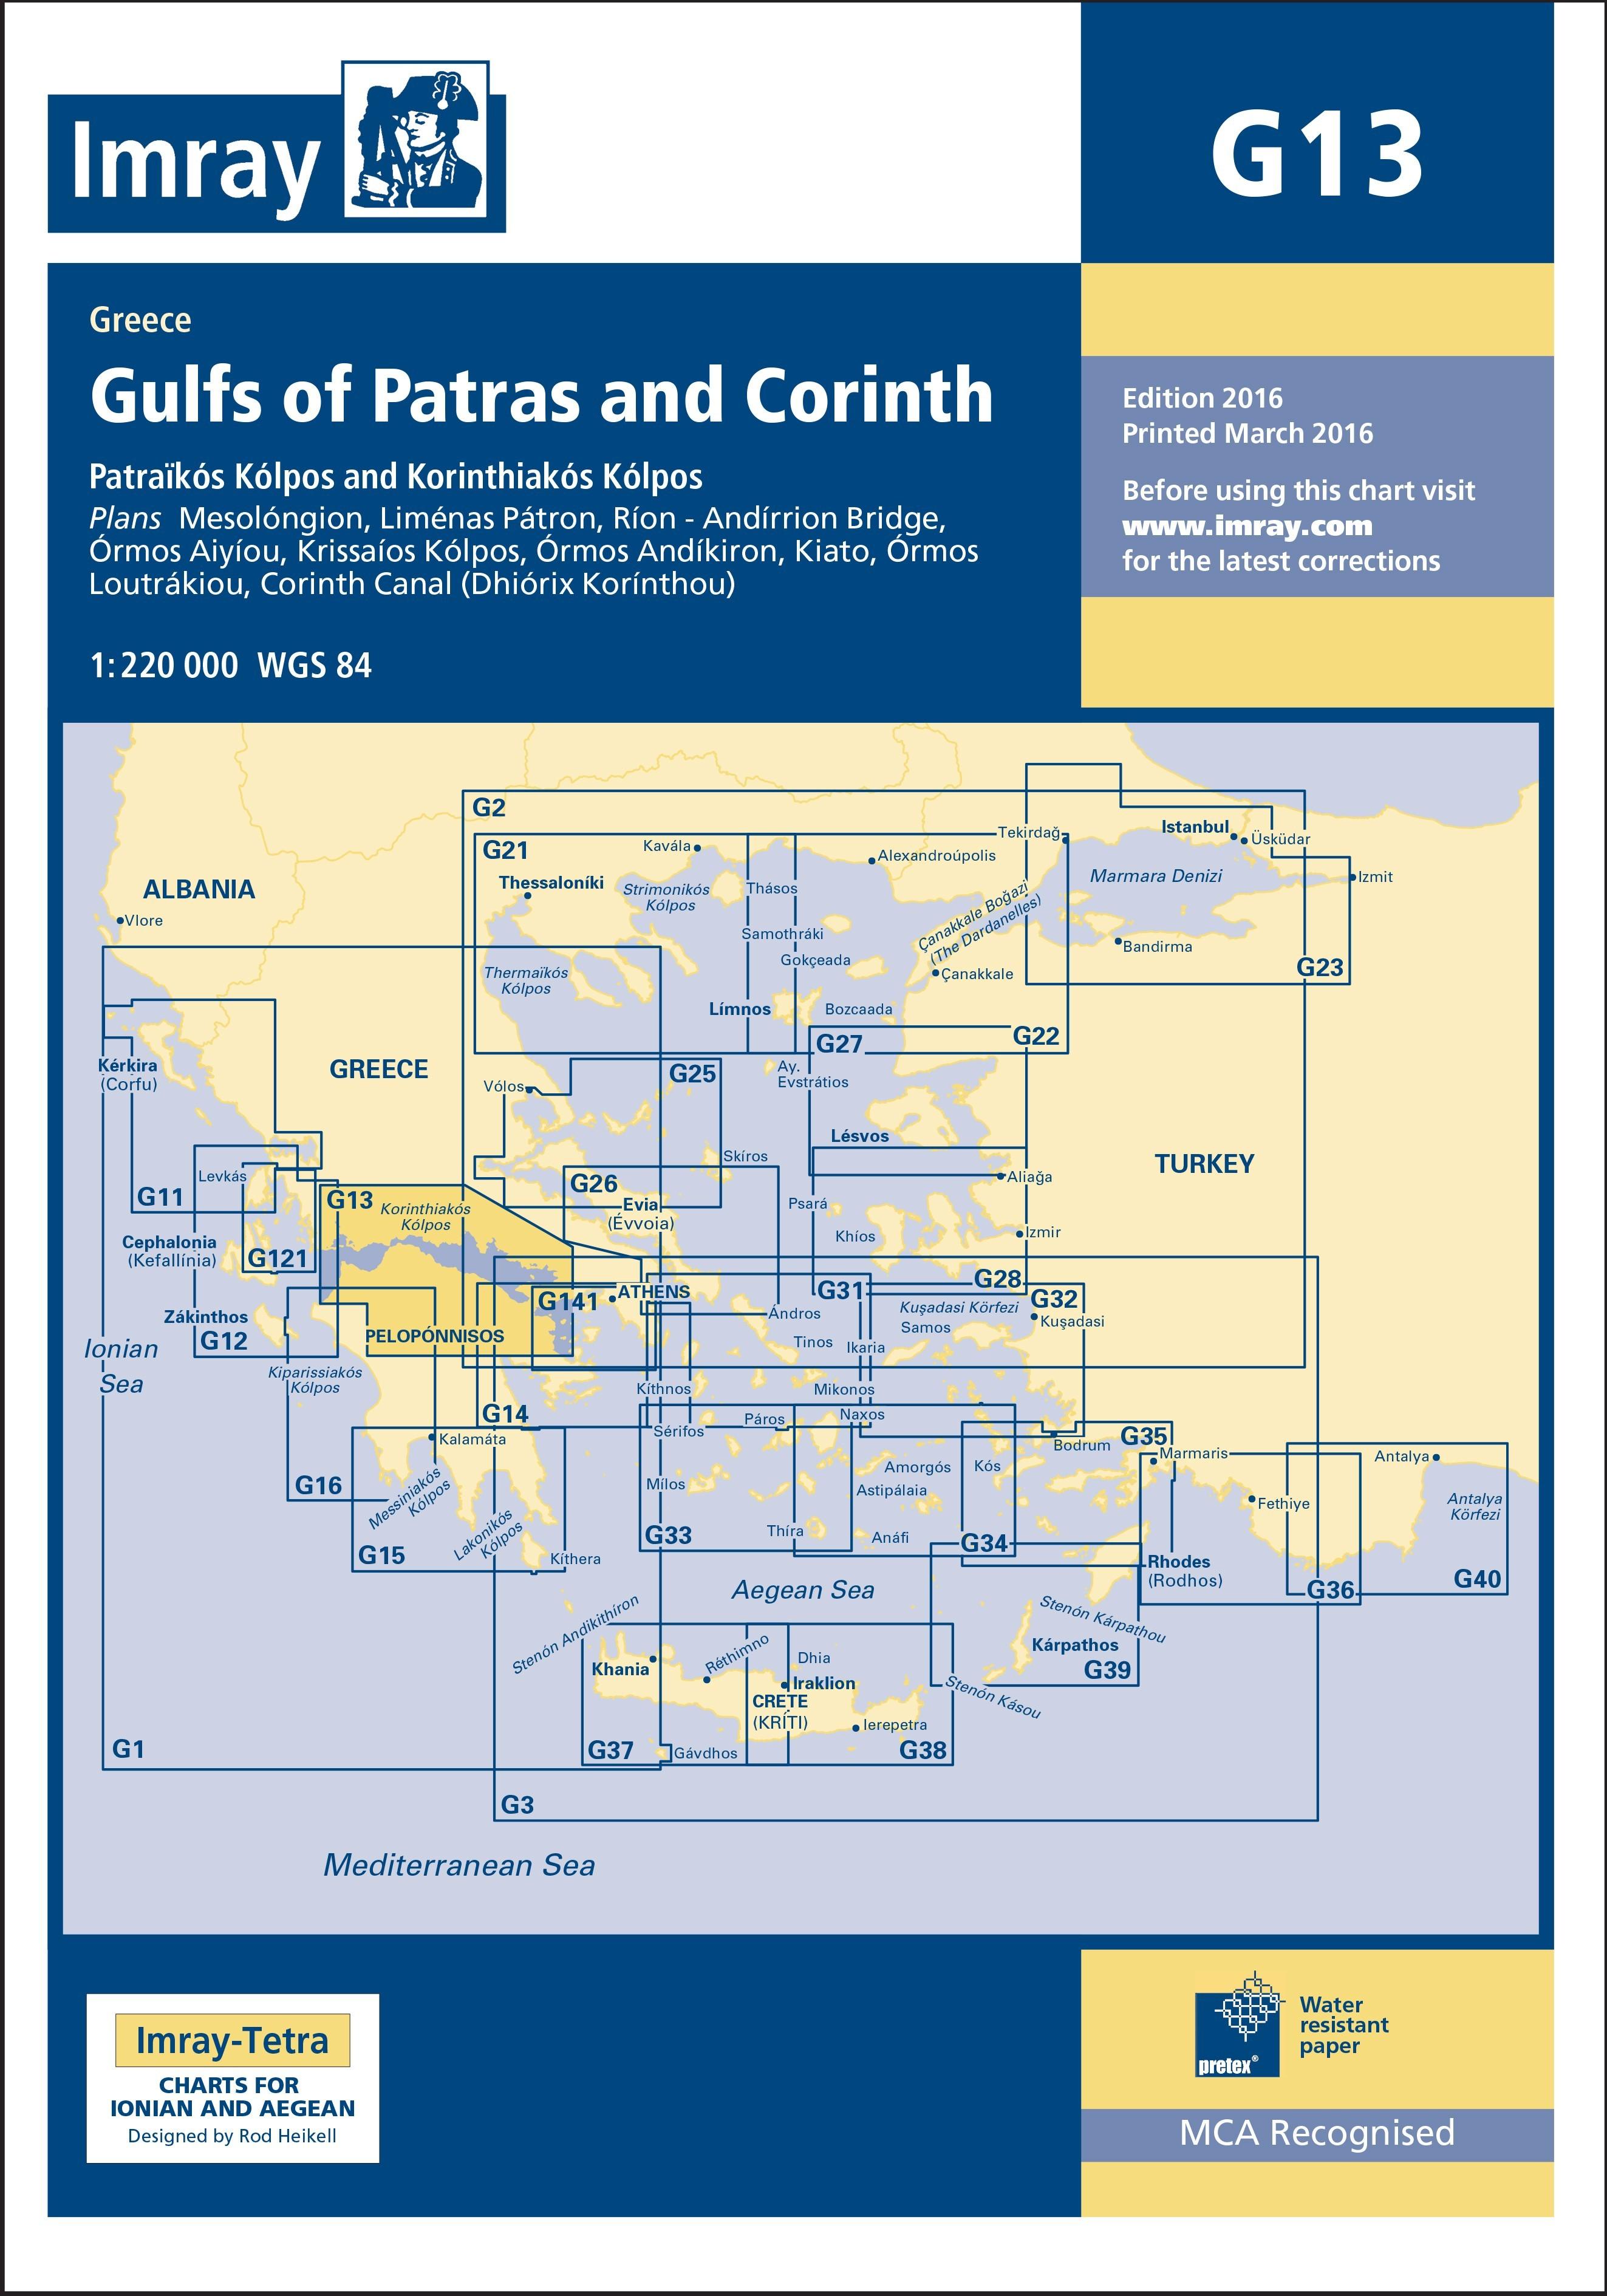 33.53 - Ναυτικός Χάρτης IMRAY ICG13-1 Πατραϊκός & Κορινθιακός Κόλπος